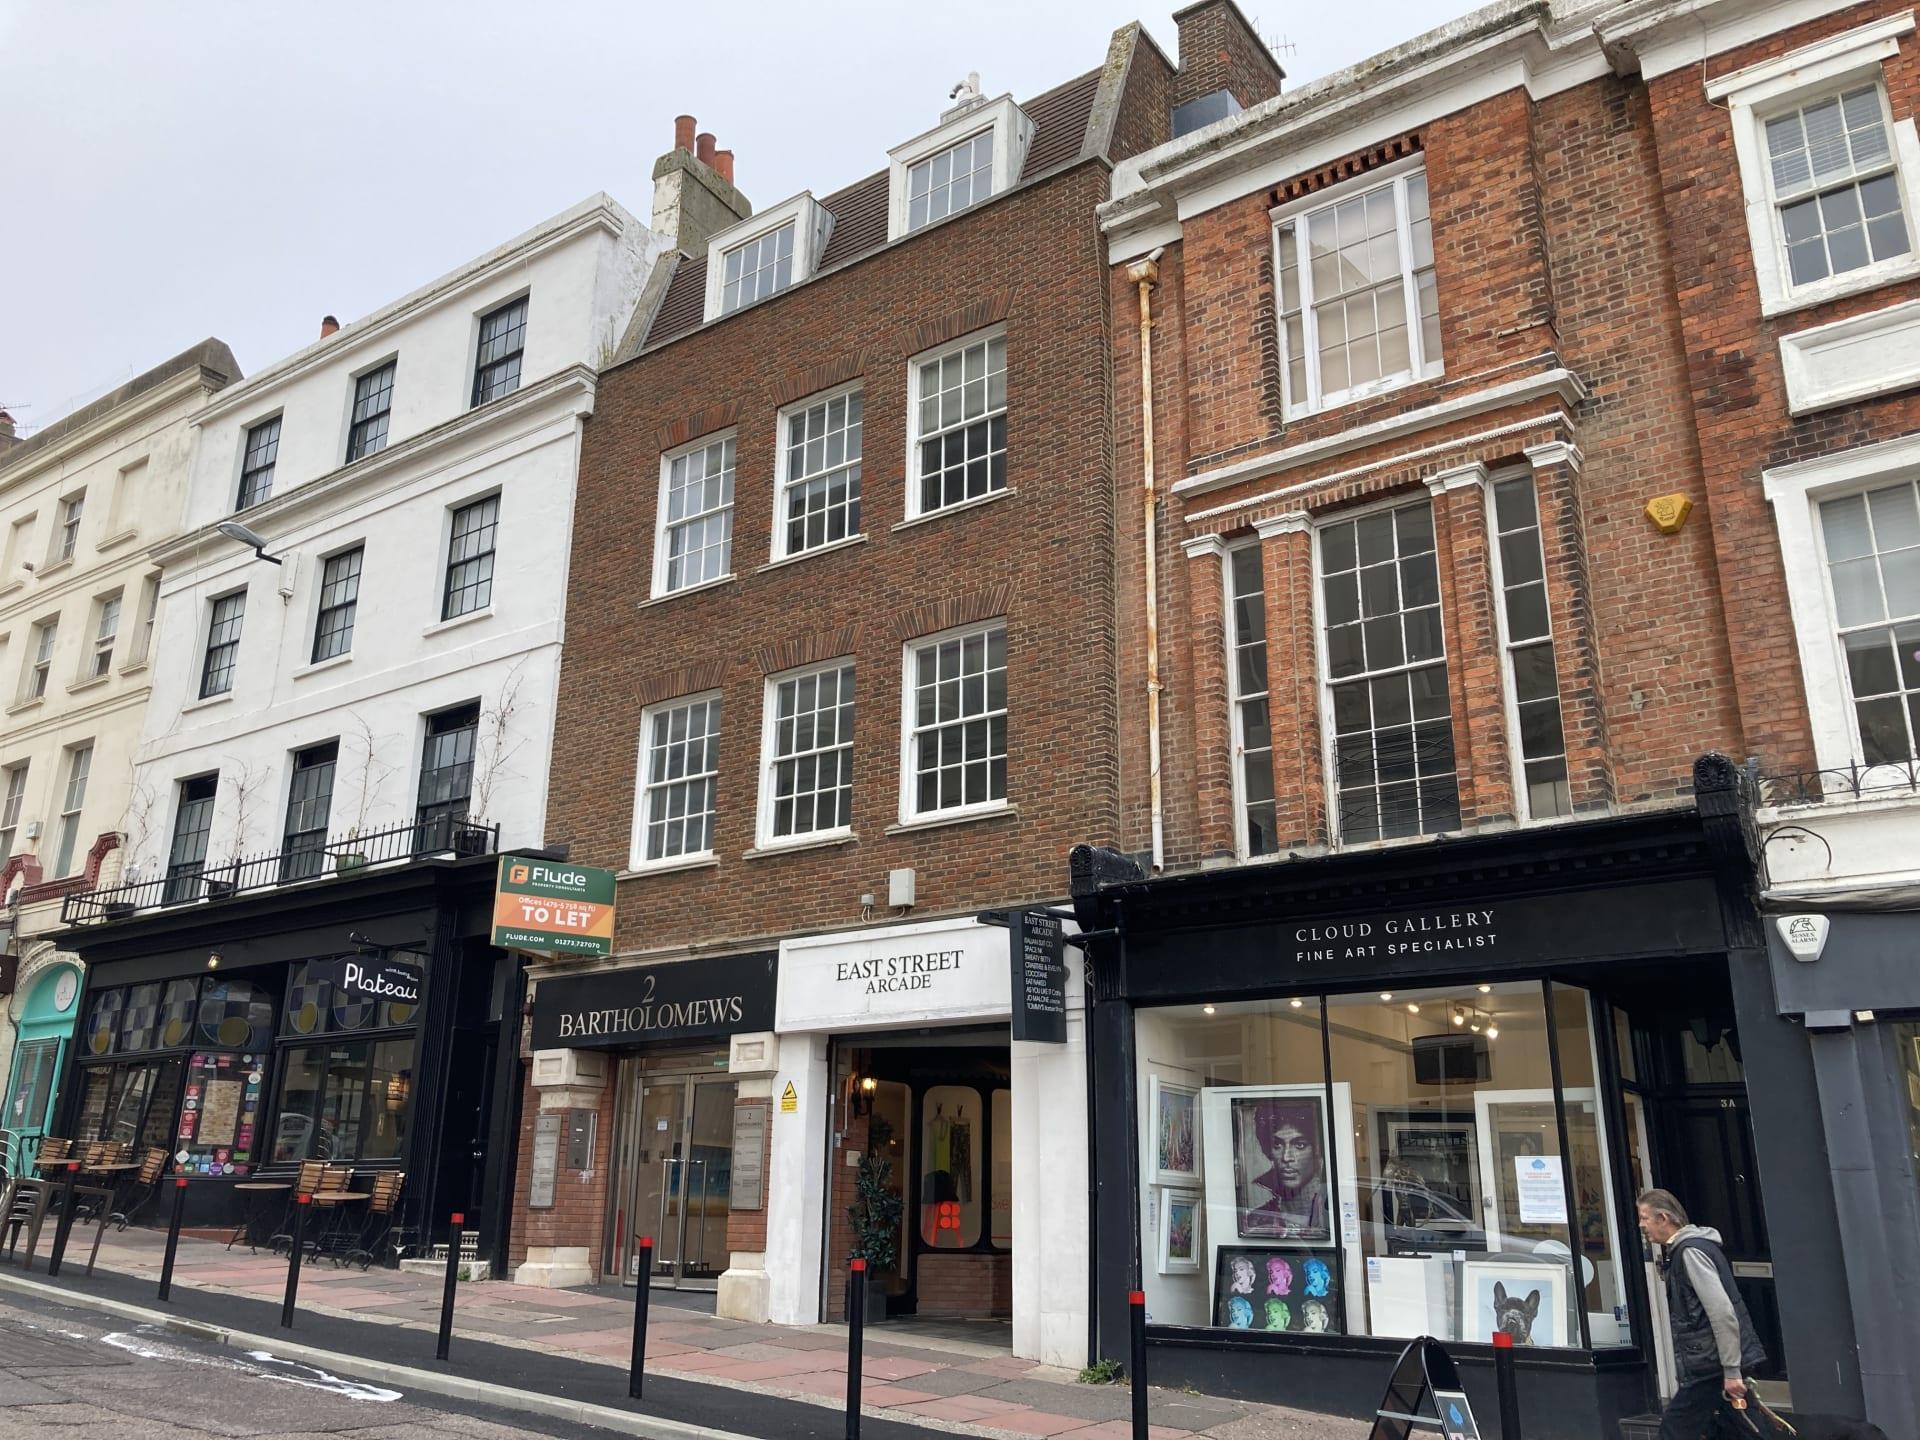 2 Bartholomew's Brighton image.